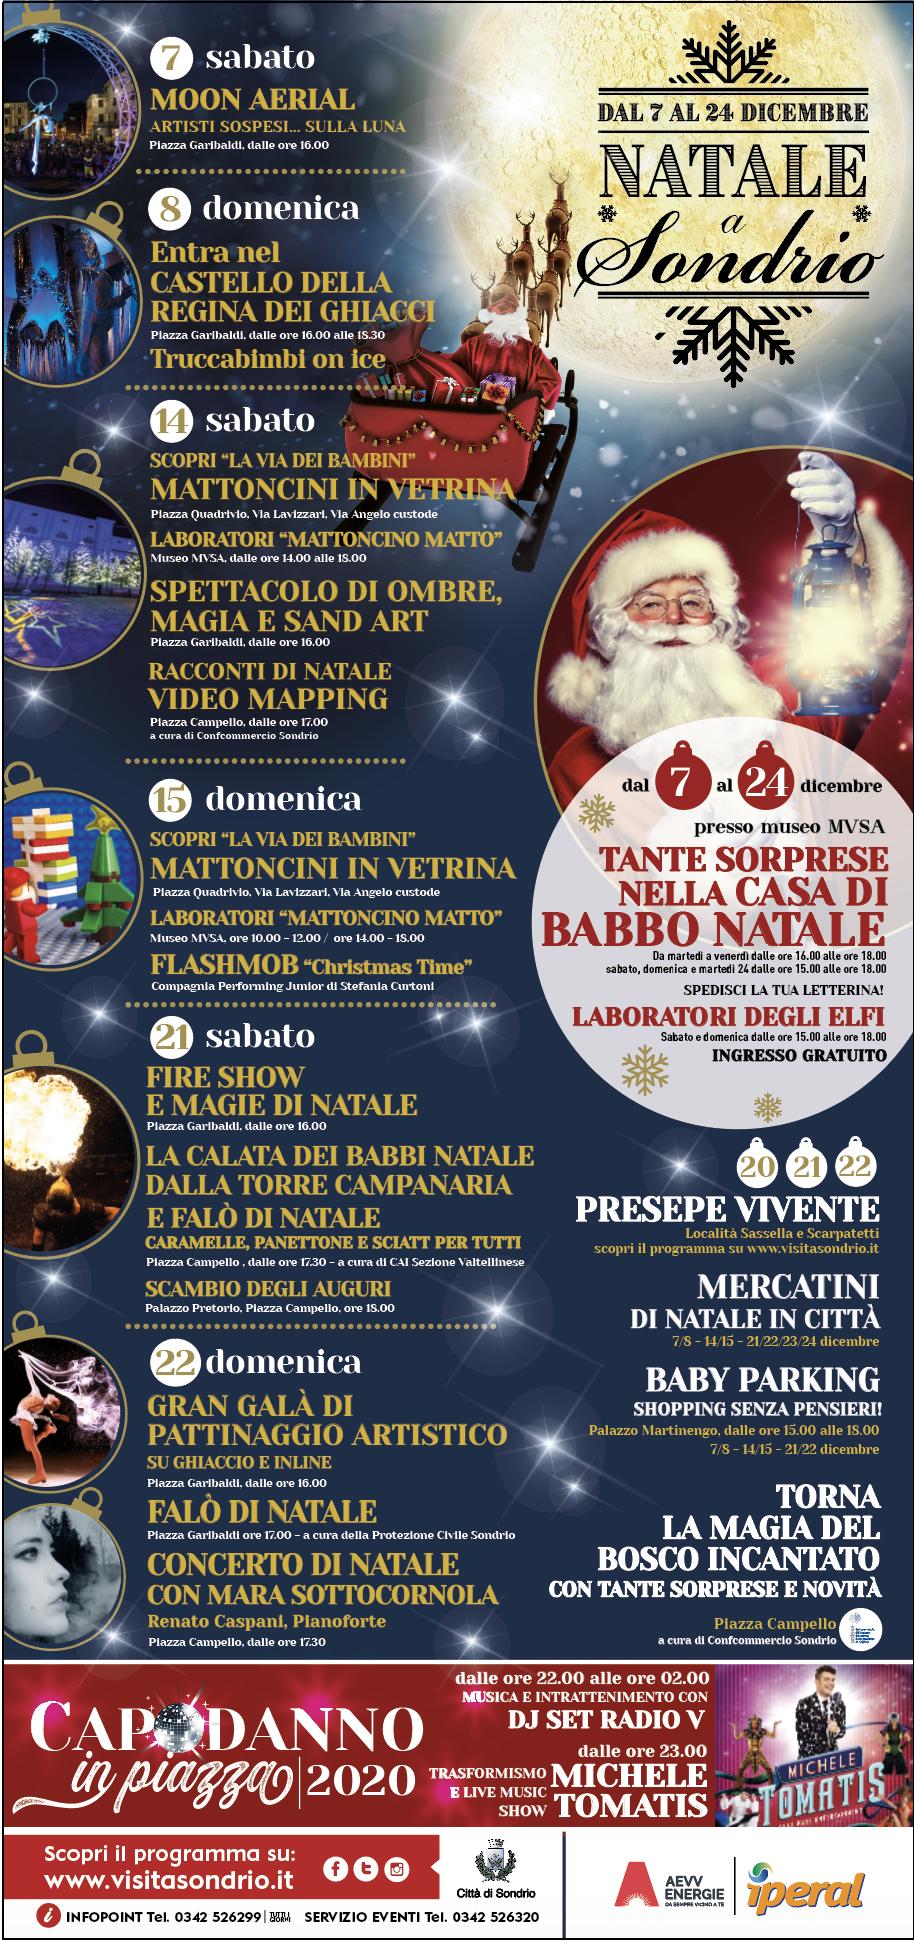 eventi natale sondrio 2019-2